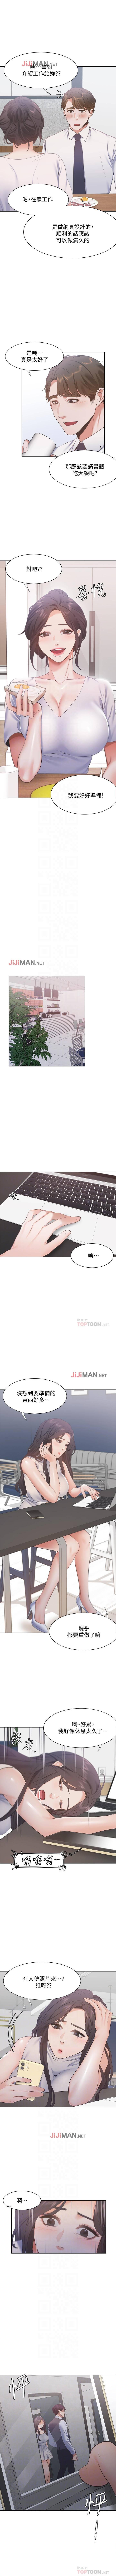 【周五连载】渴望:爱火难耐(作者:Appeal&格子17) 第1~24话 133